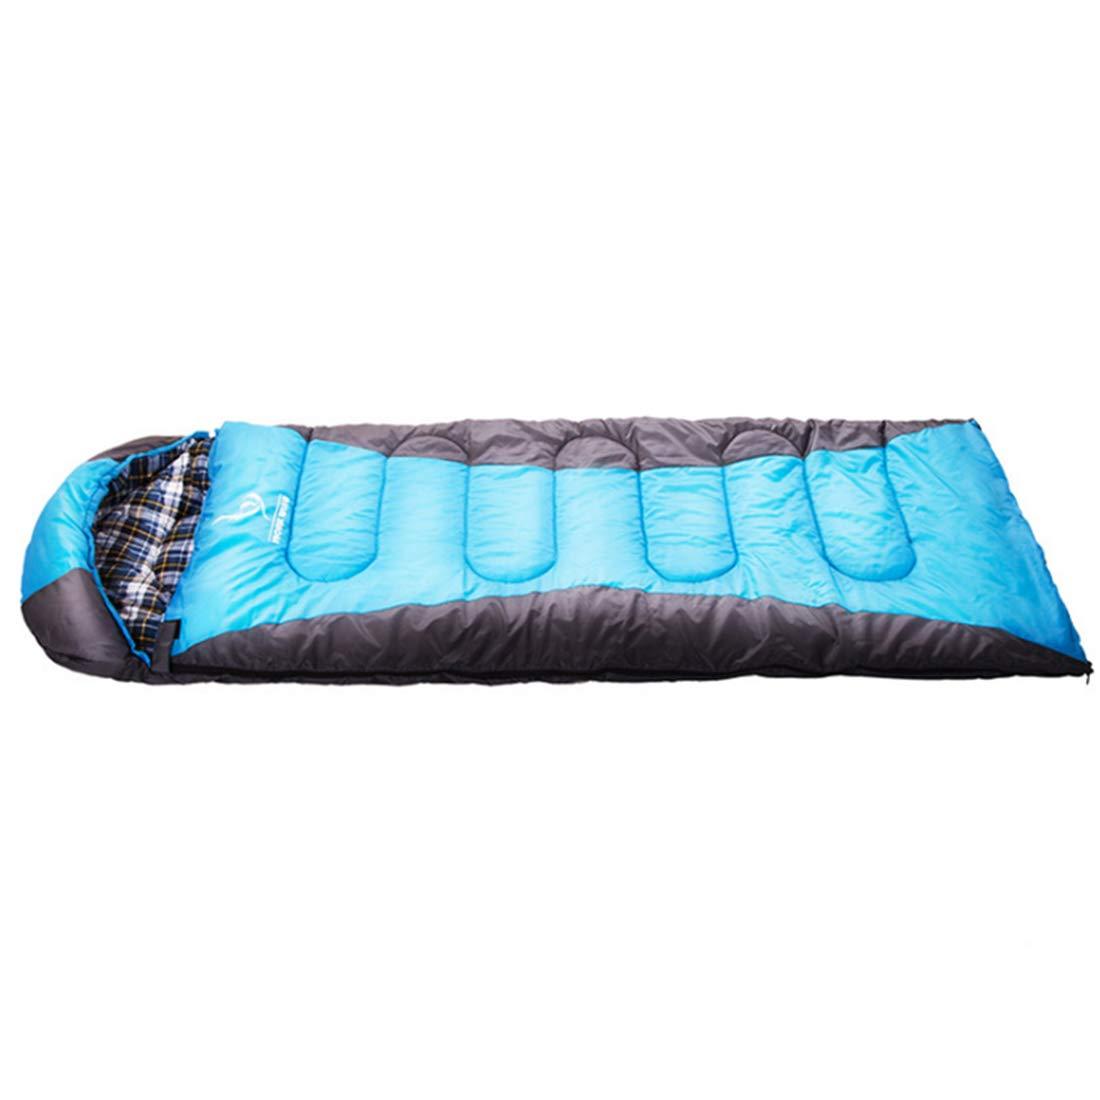 Jakiload Kompressions-Sack mit Baumwoll-Flanell-Schlafsack-Komfort für kaltes Wetter der Erwachsenen (Farbe   schwarz Blau)